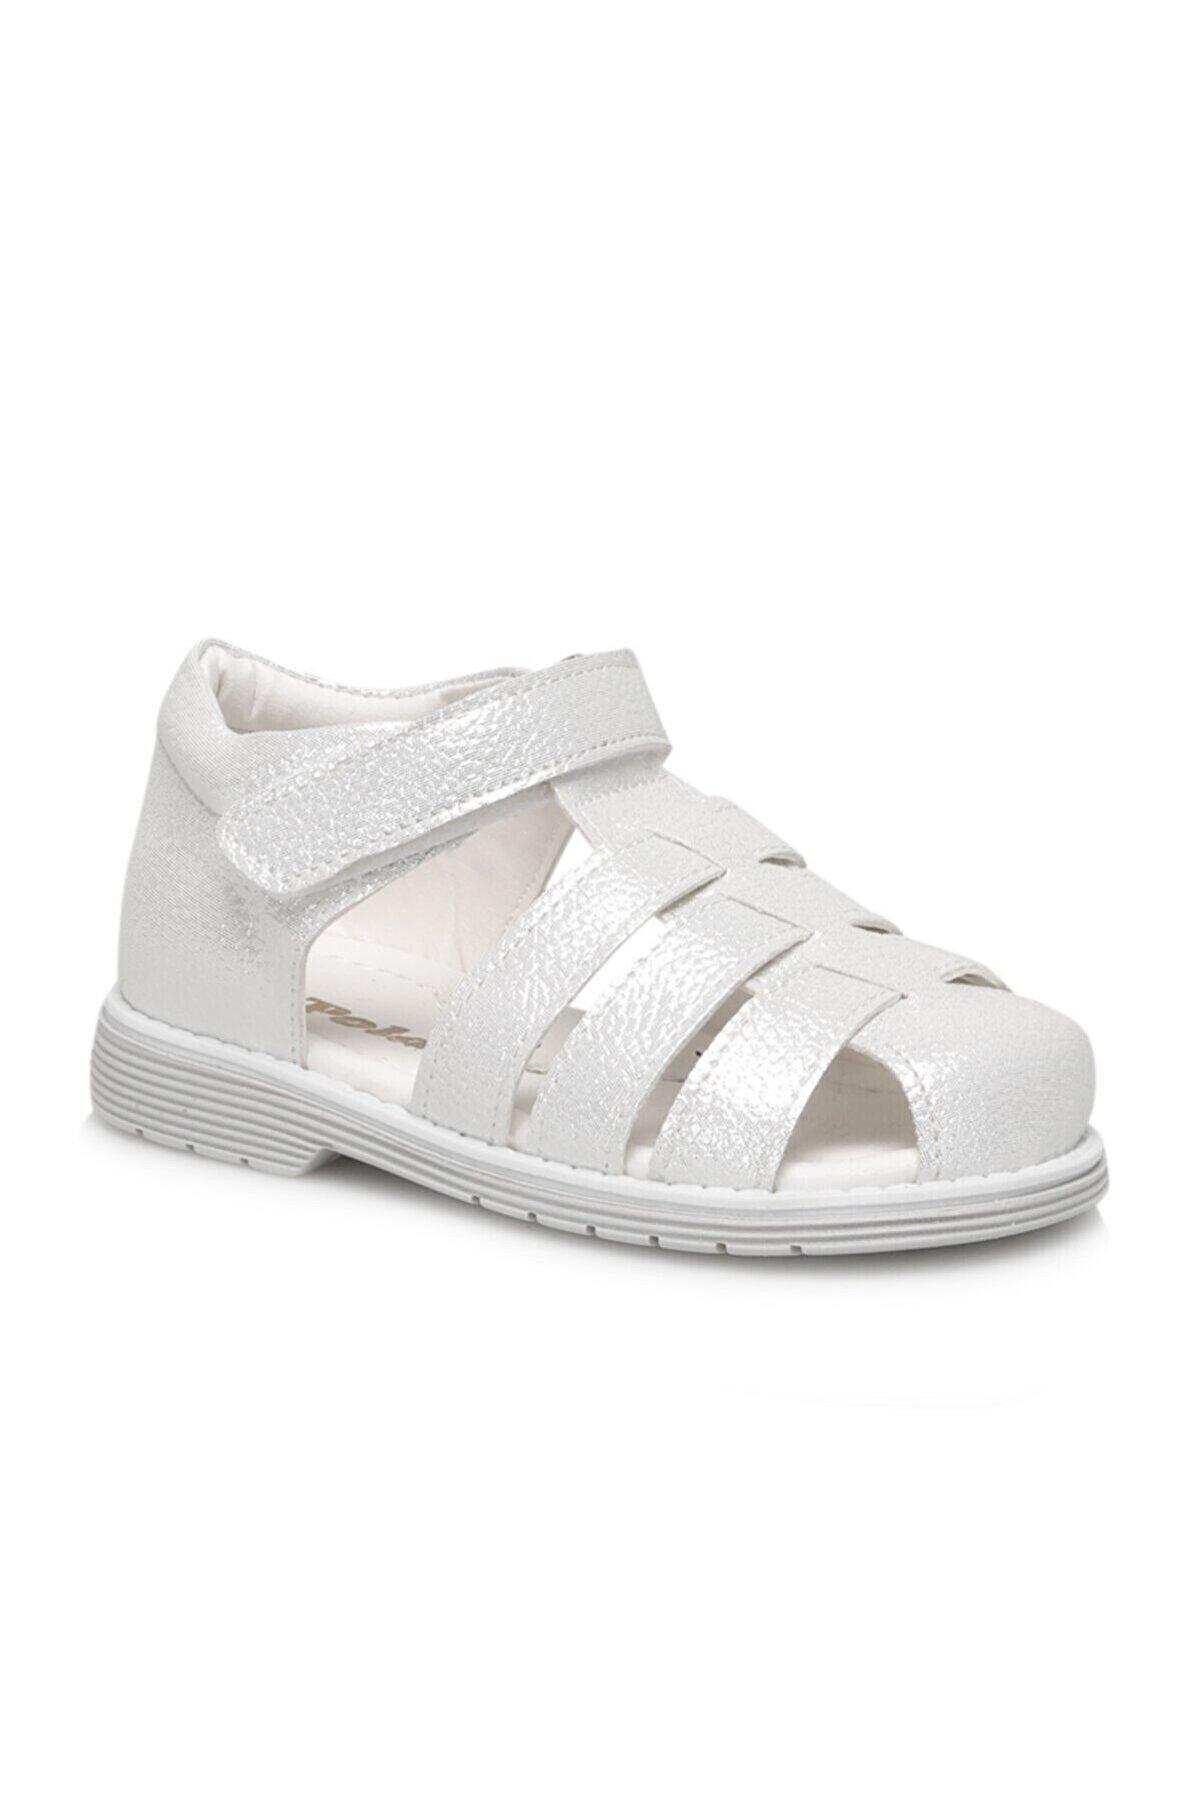 Polaris Kız Çocuk Gümüş  Sandalet 615345.b1f x